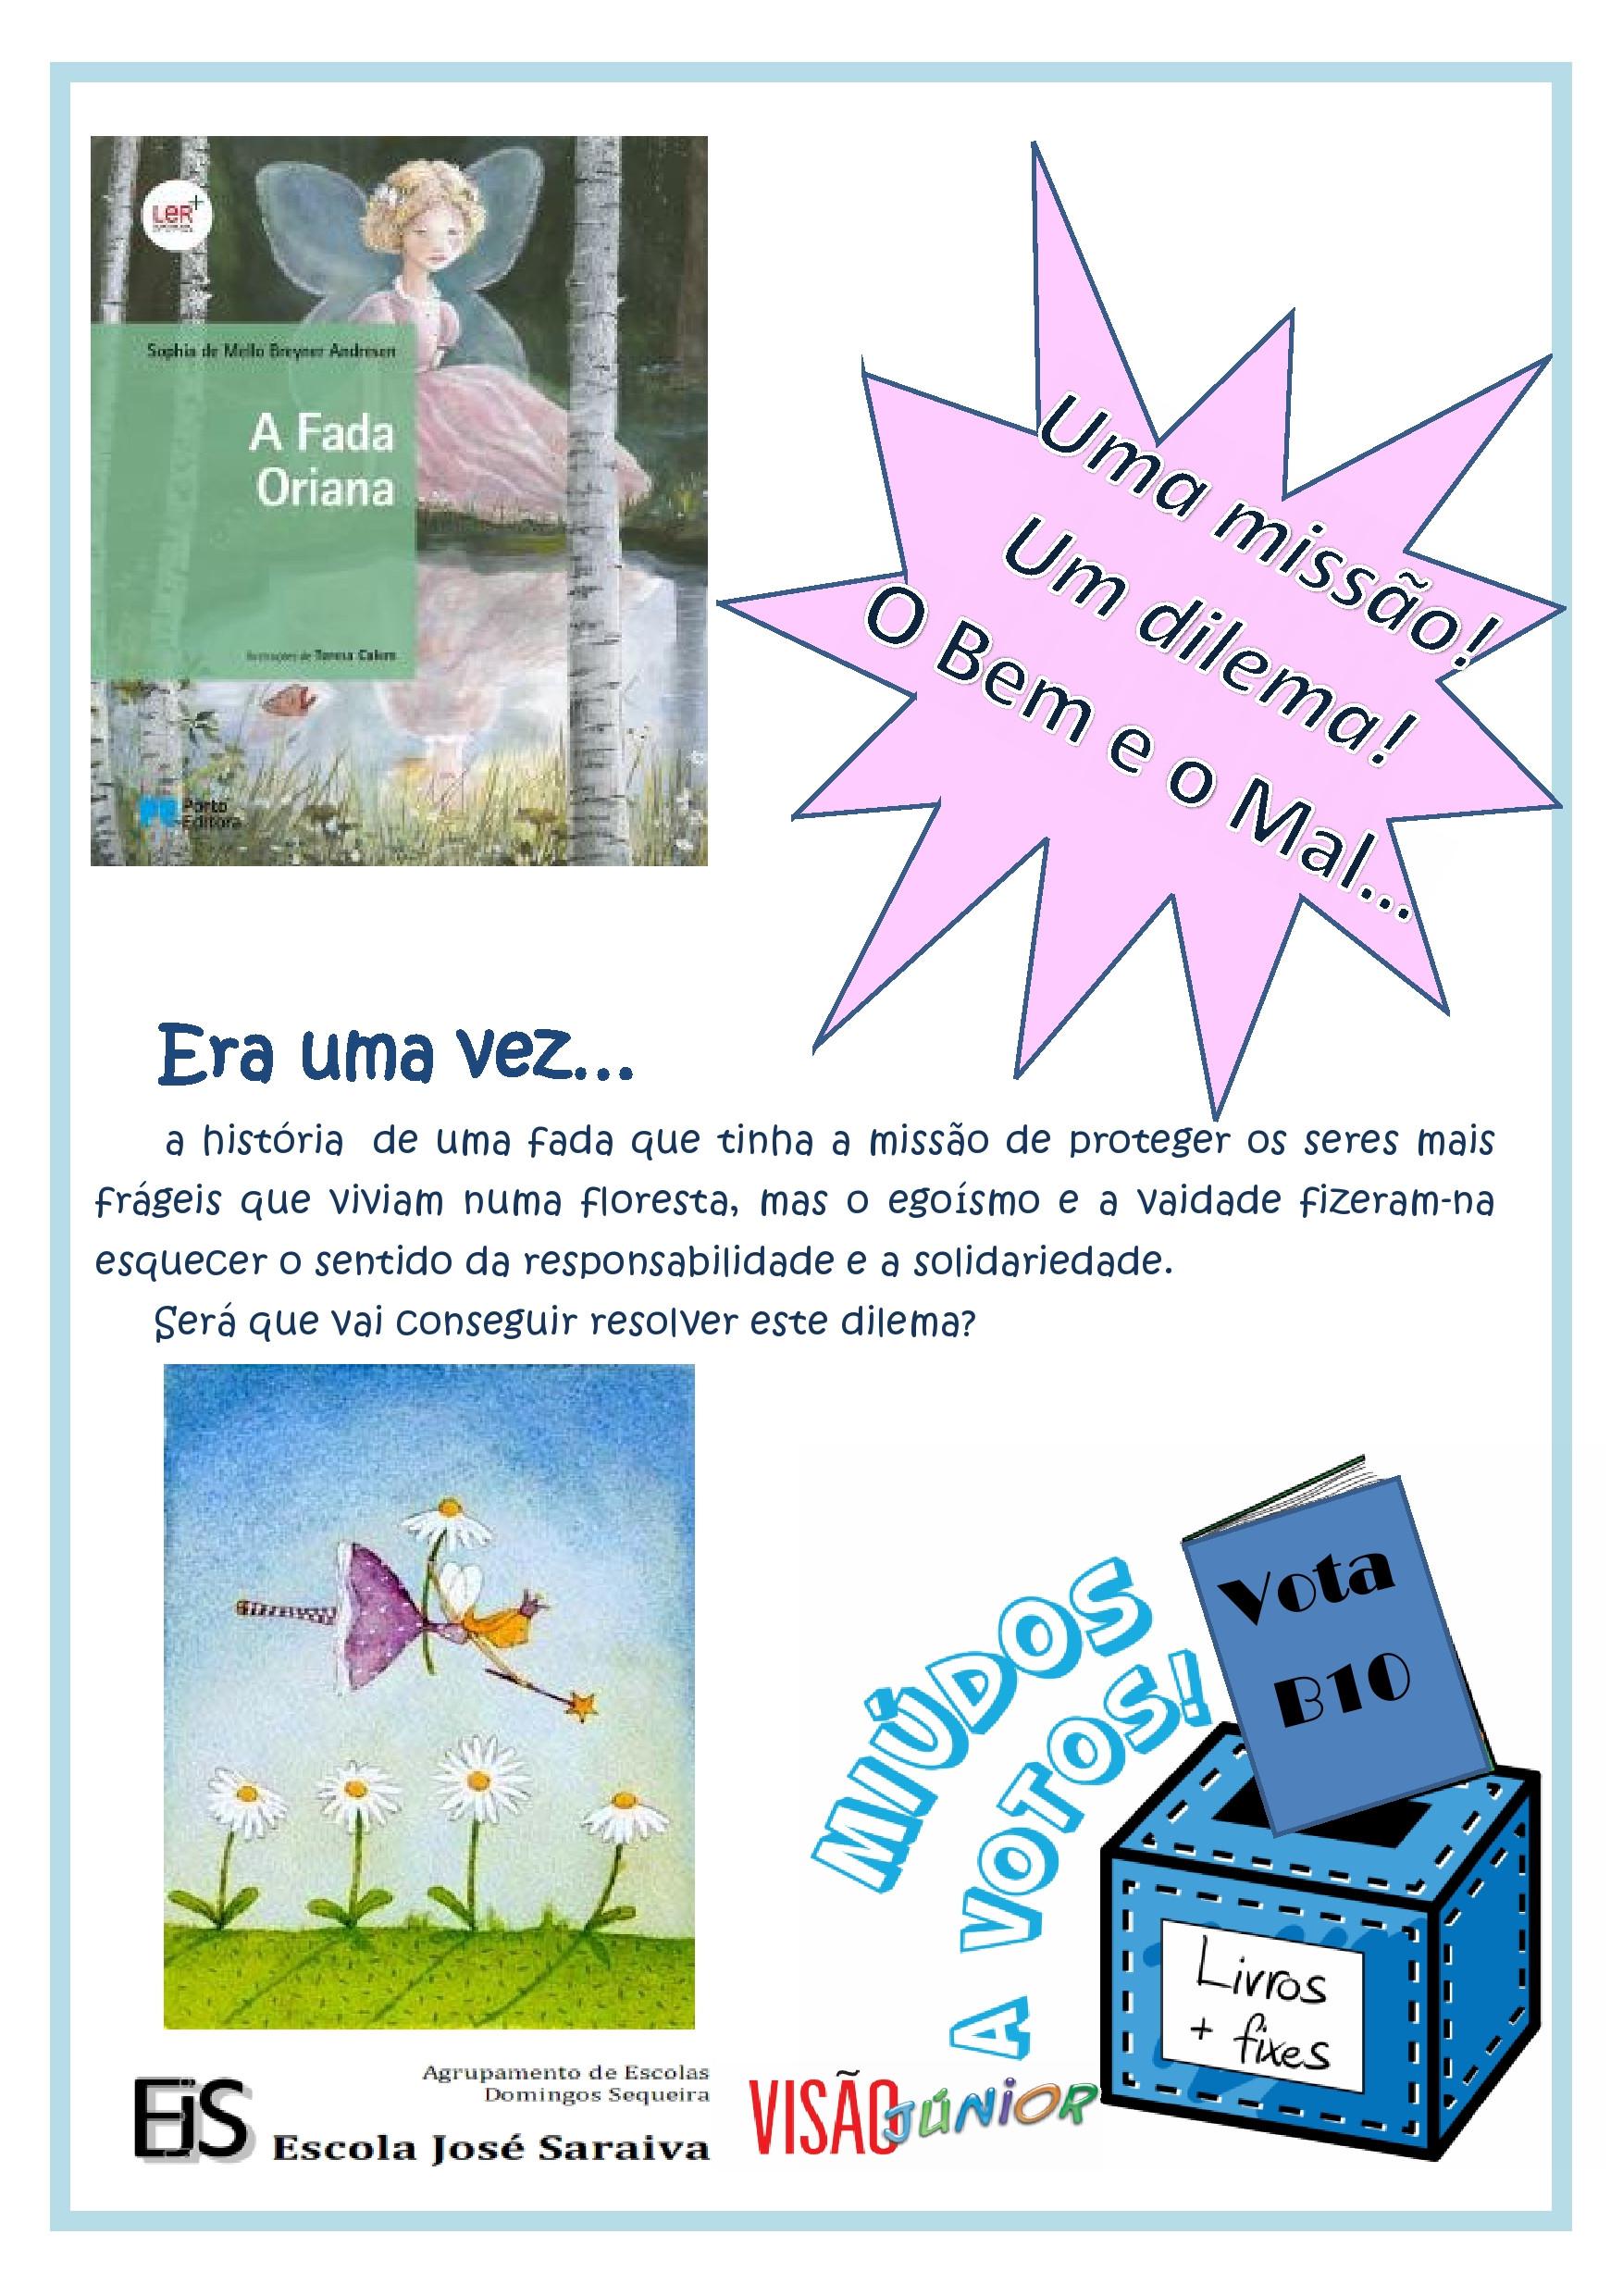 Miúdos a votos - cartaz-A Fada Oriana-page0001.jpg